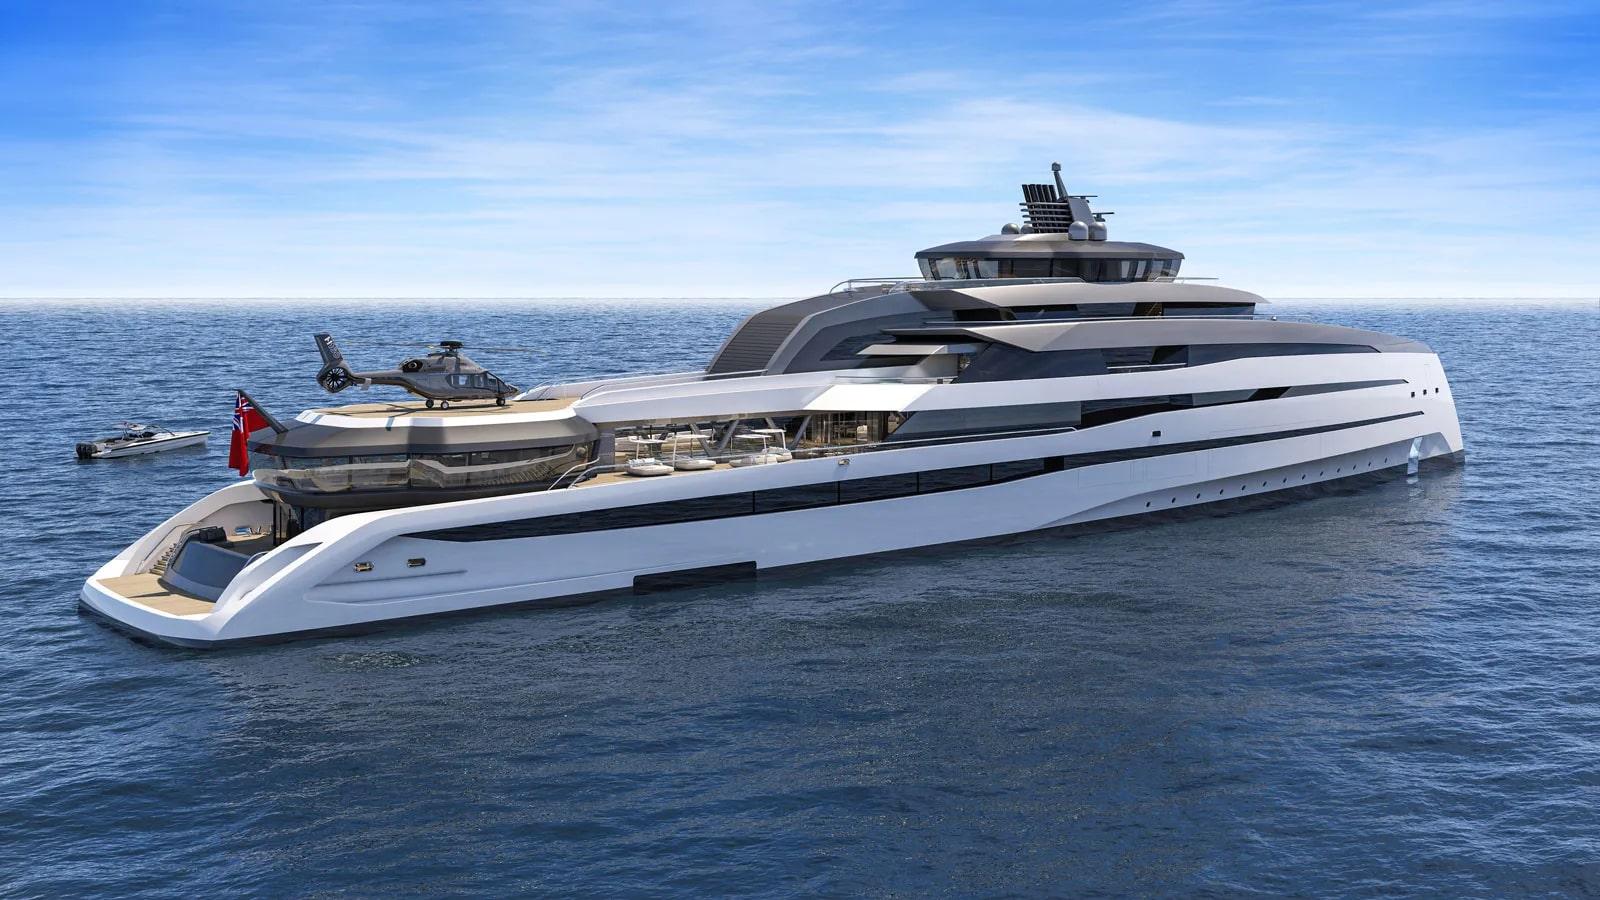 Le roi des mers c'est Rex, un superyacht hybride de 127 mètres